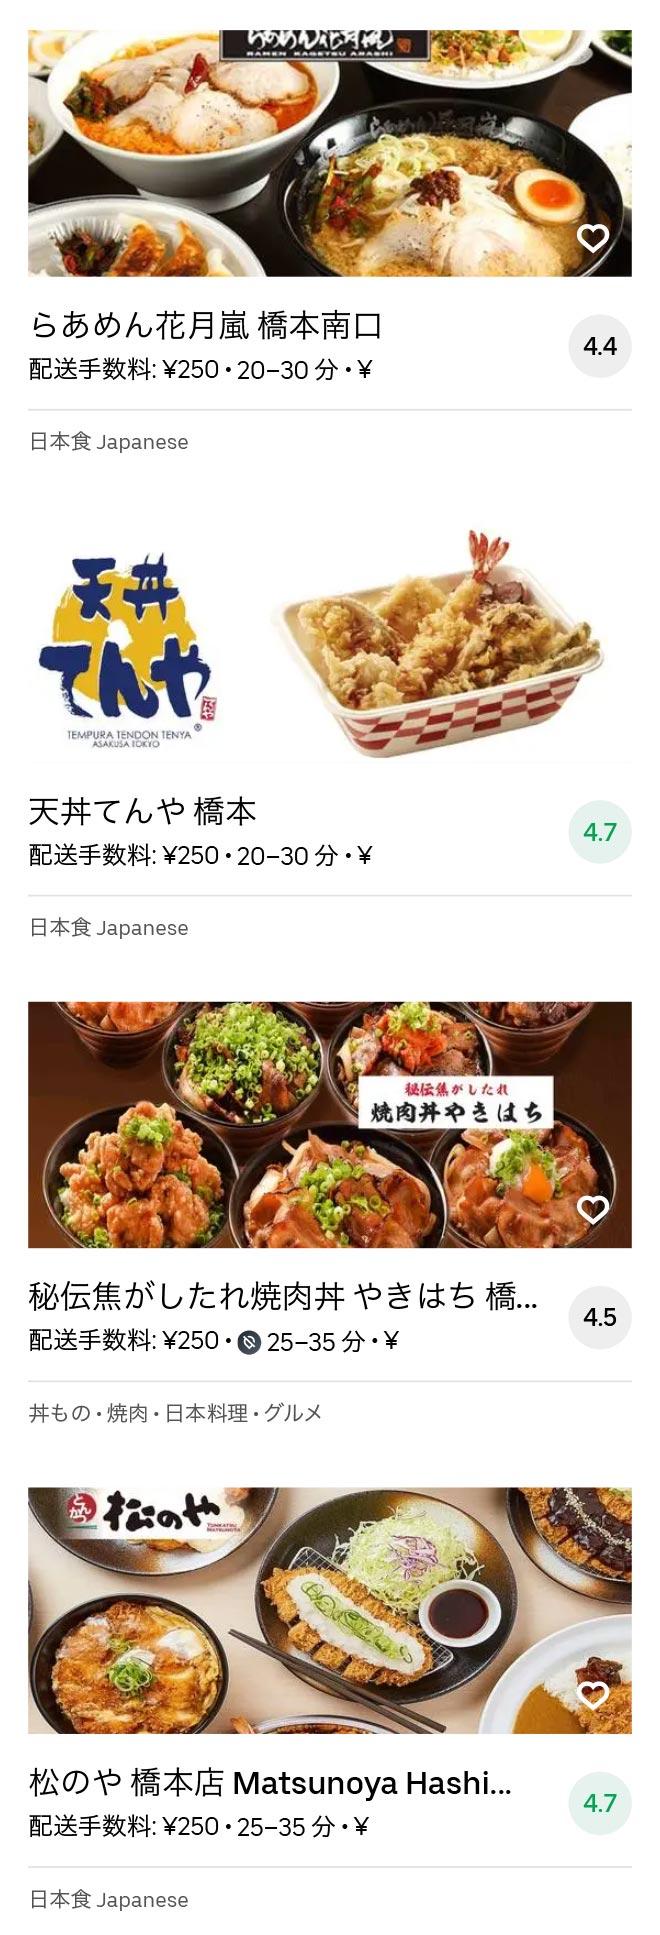 Aihara menu 2010 08